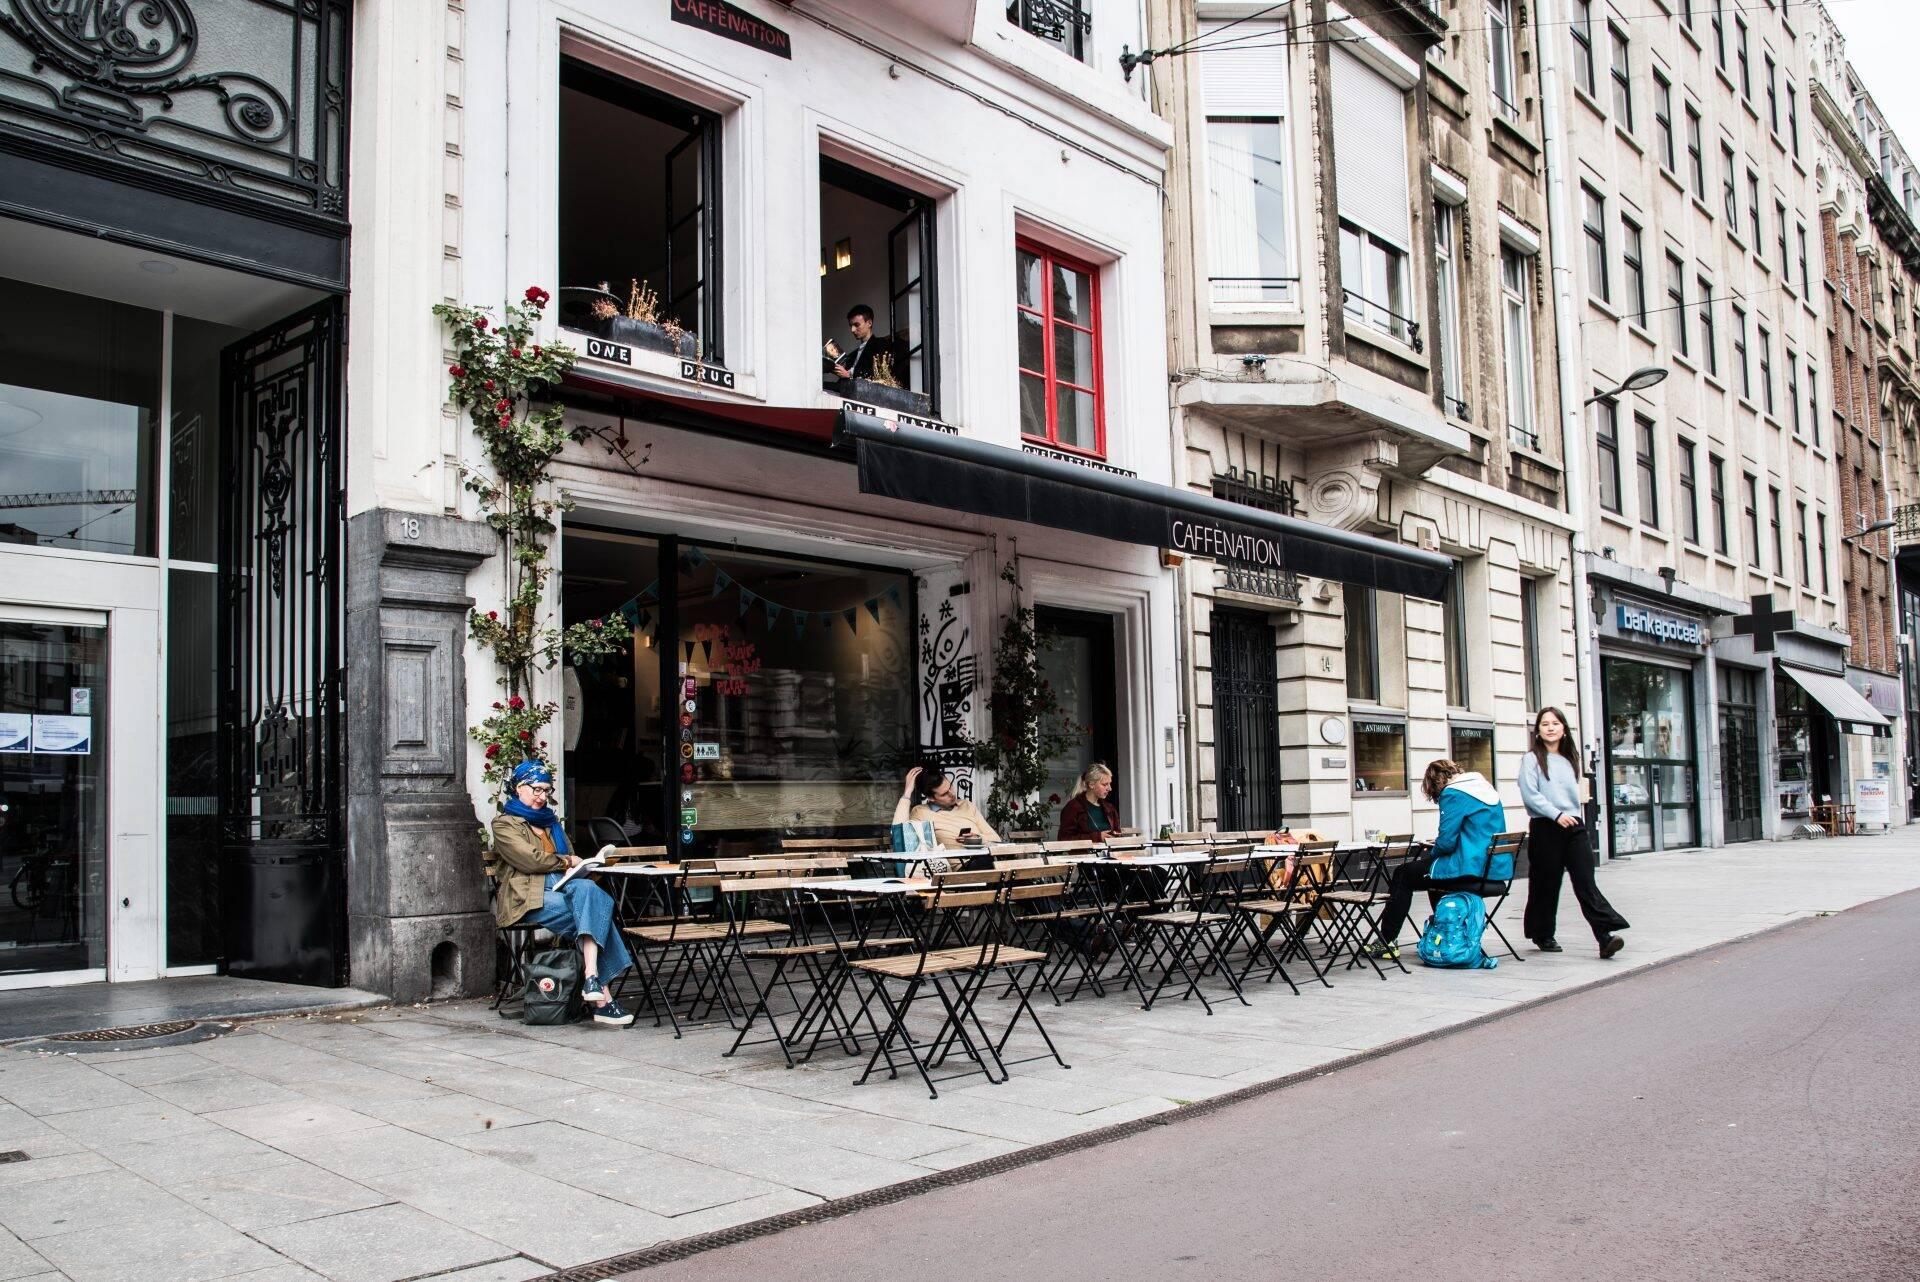 Caffènation in Antwerpen